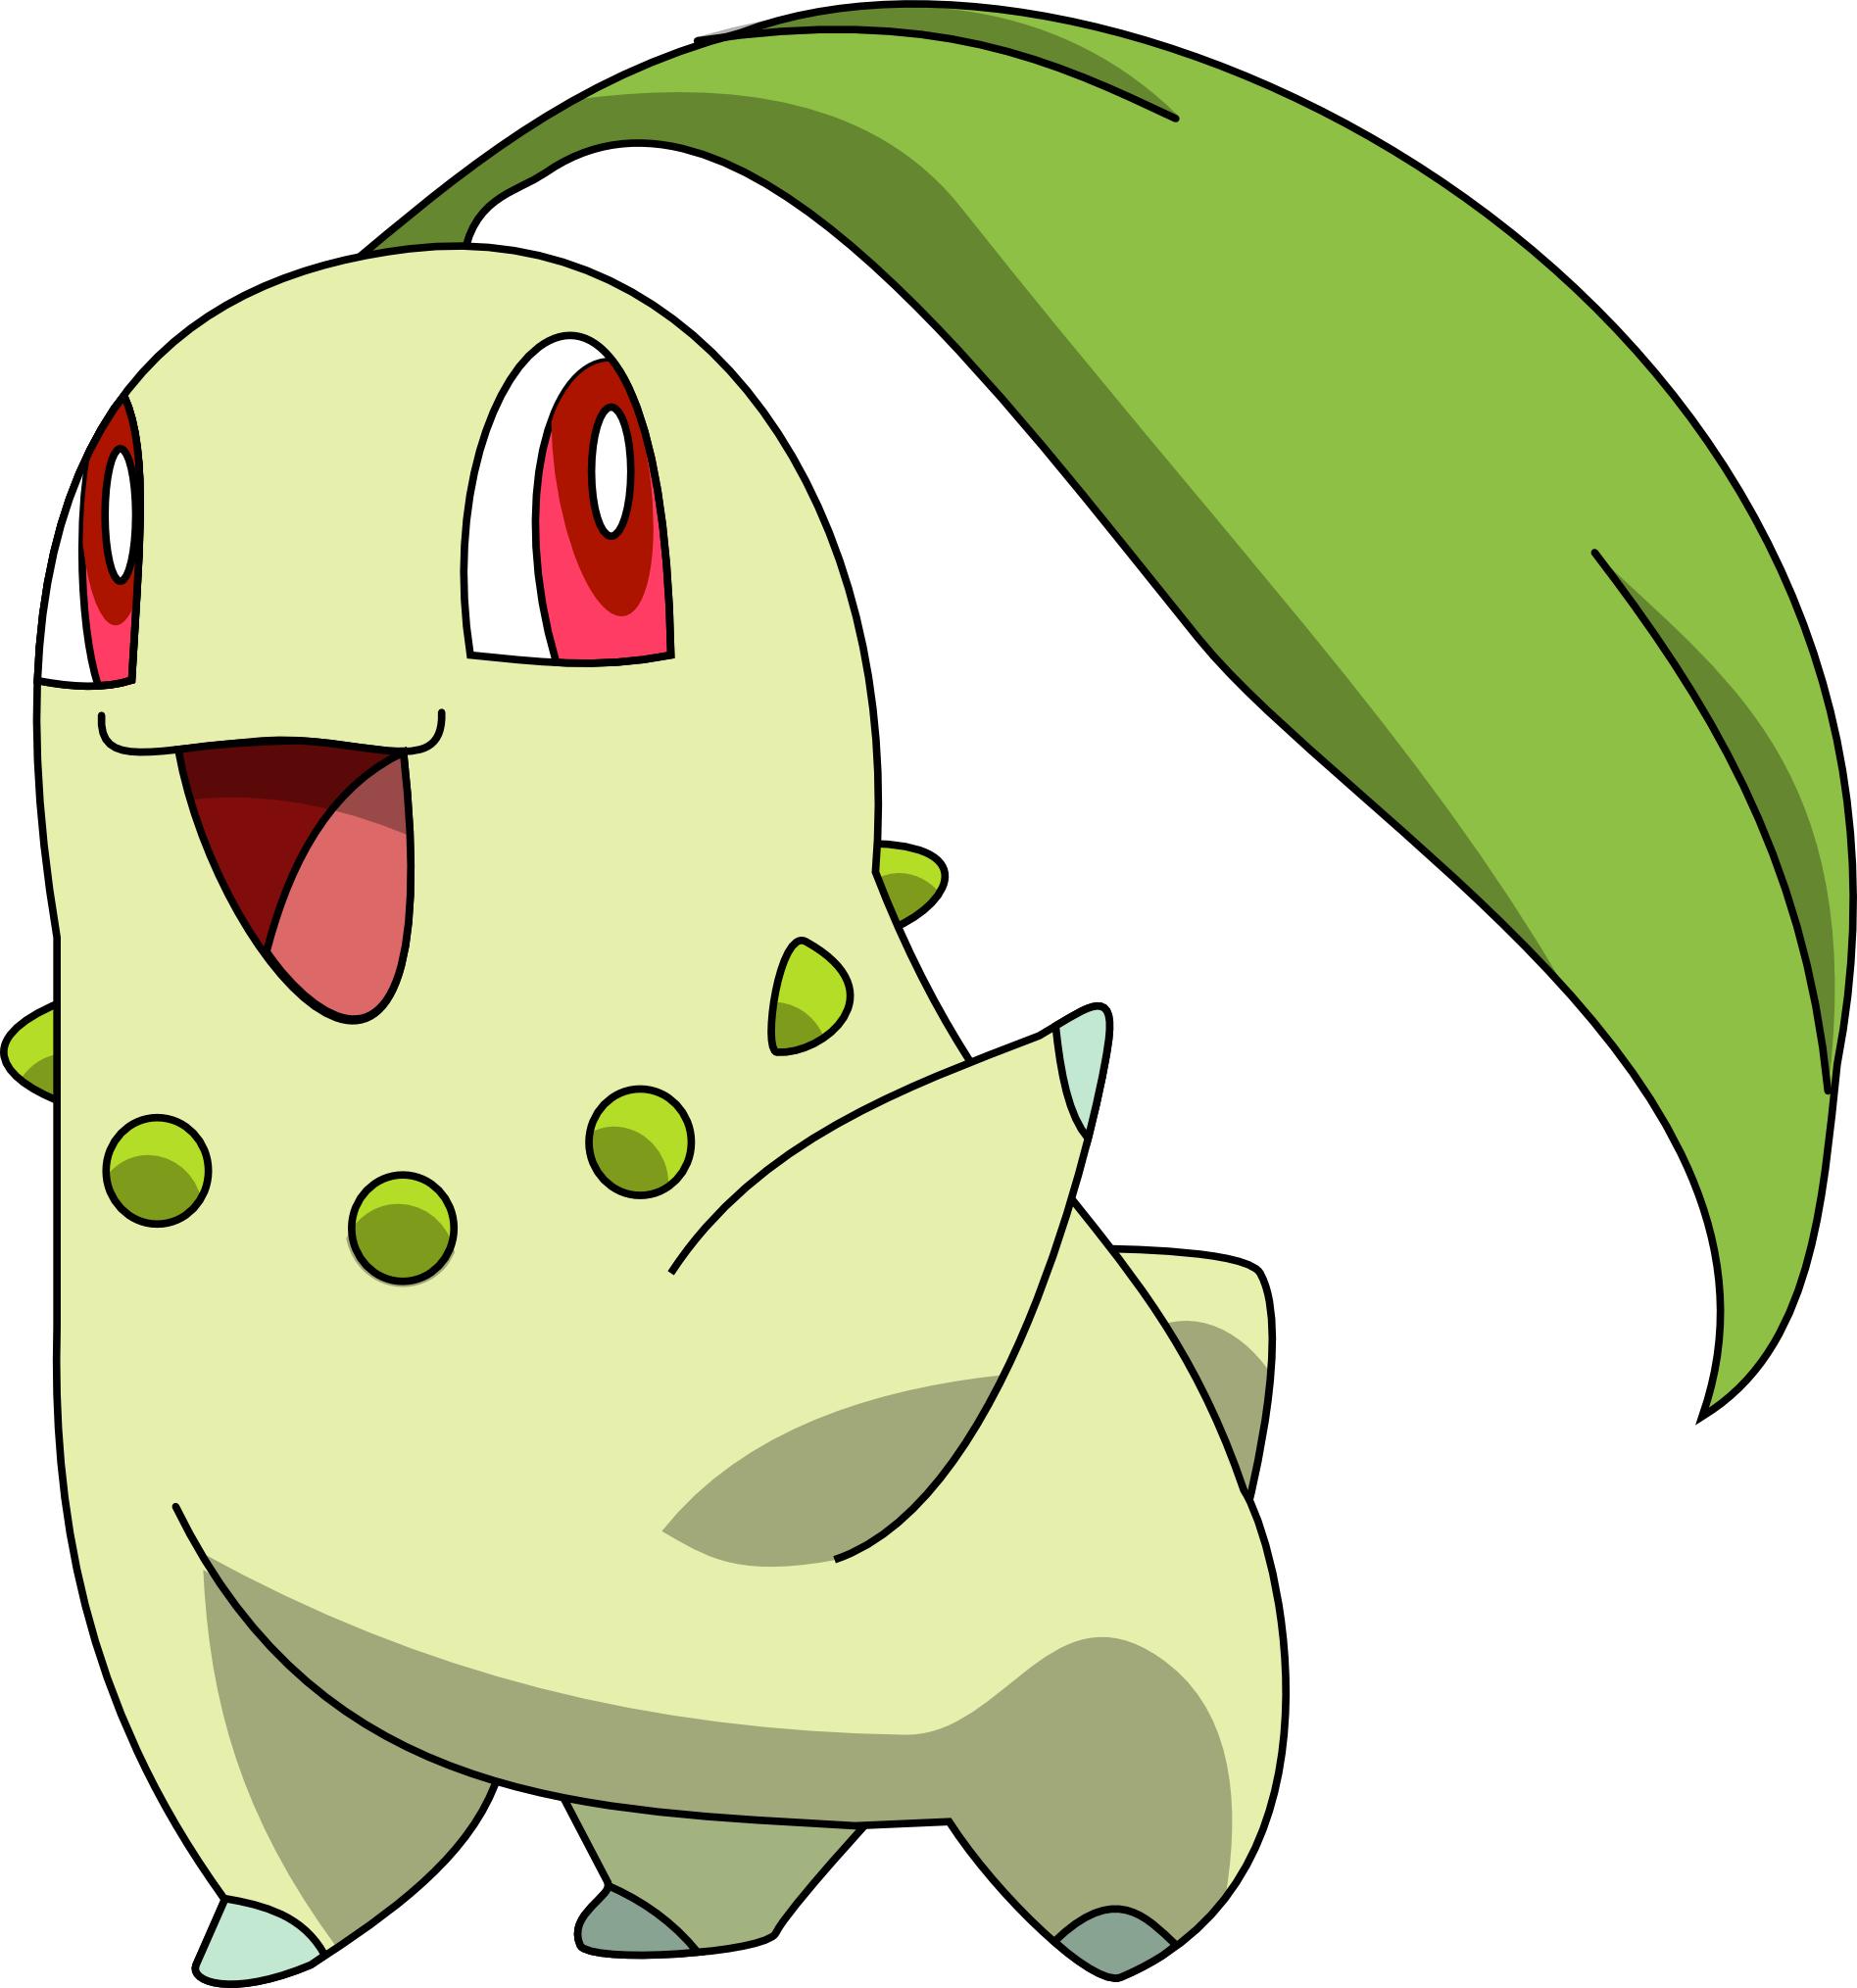 Chikorita Sonic Pok 233 Mon Wiki Fandom Powered By Wikia